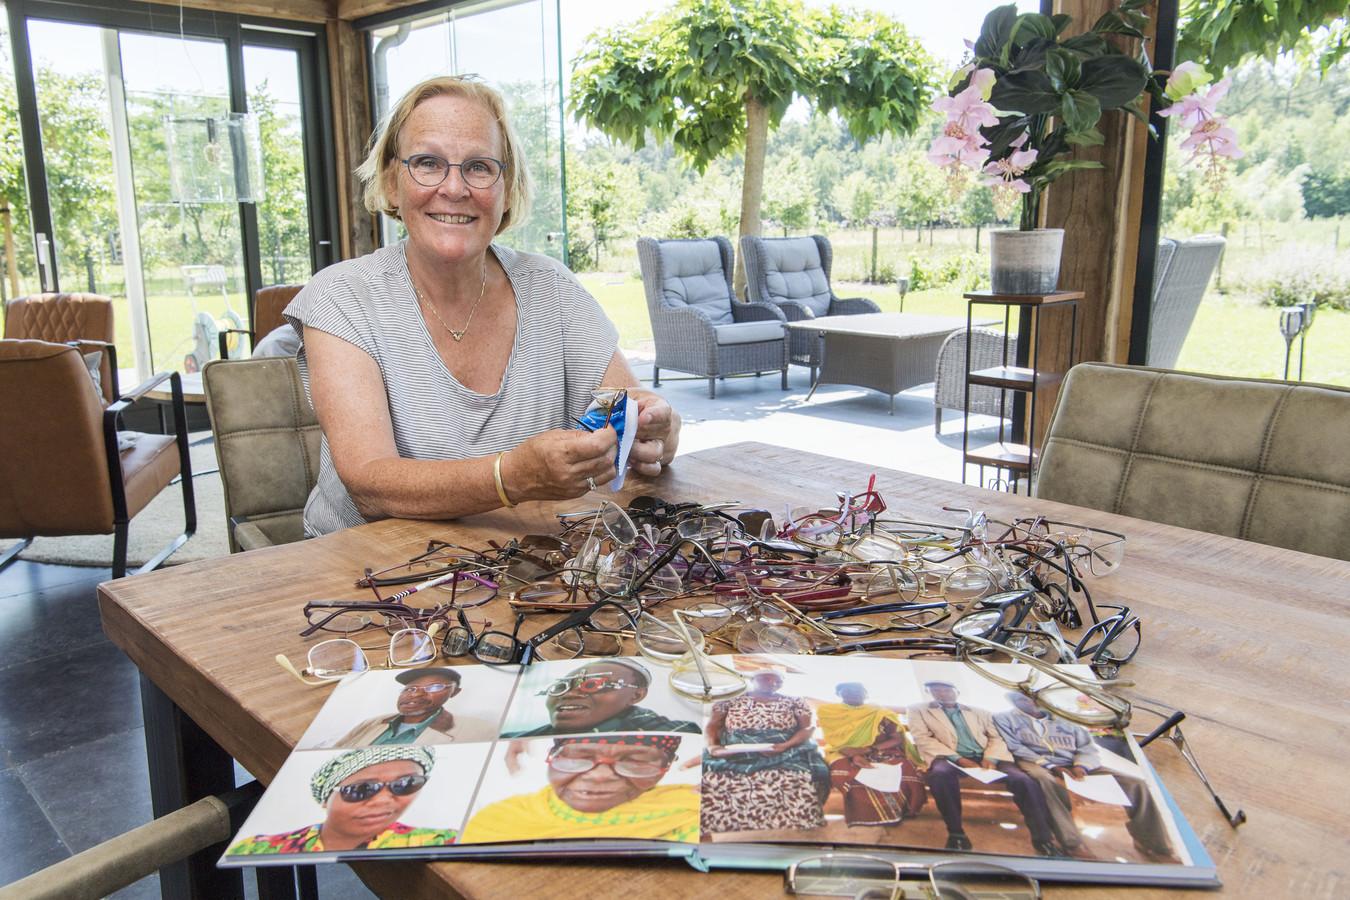 Marianne Hammink, oud-directeur van het Theaterhotel, werkte in Tanzania voor de Stichting Matamba. Ze zamelt alweer brillen in ten behoeve van de mensen daar.